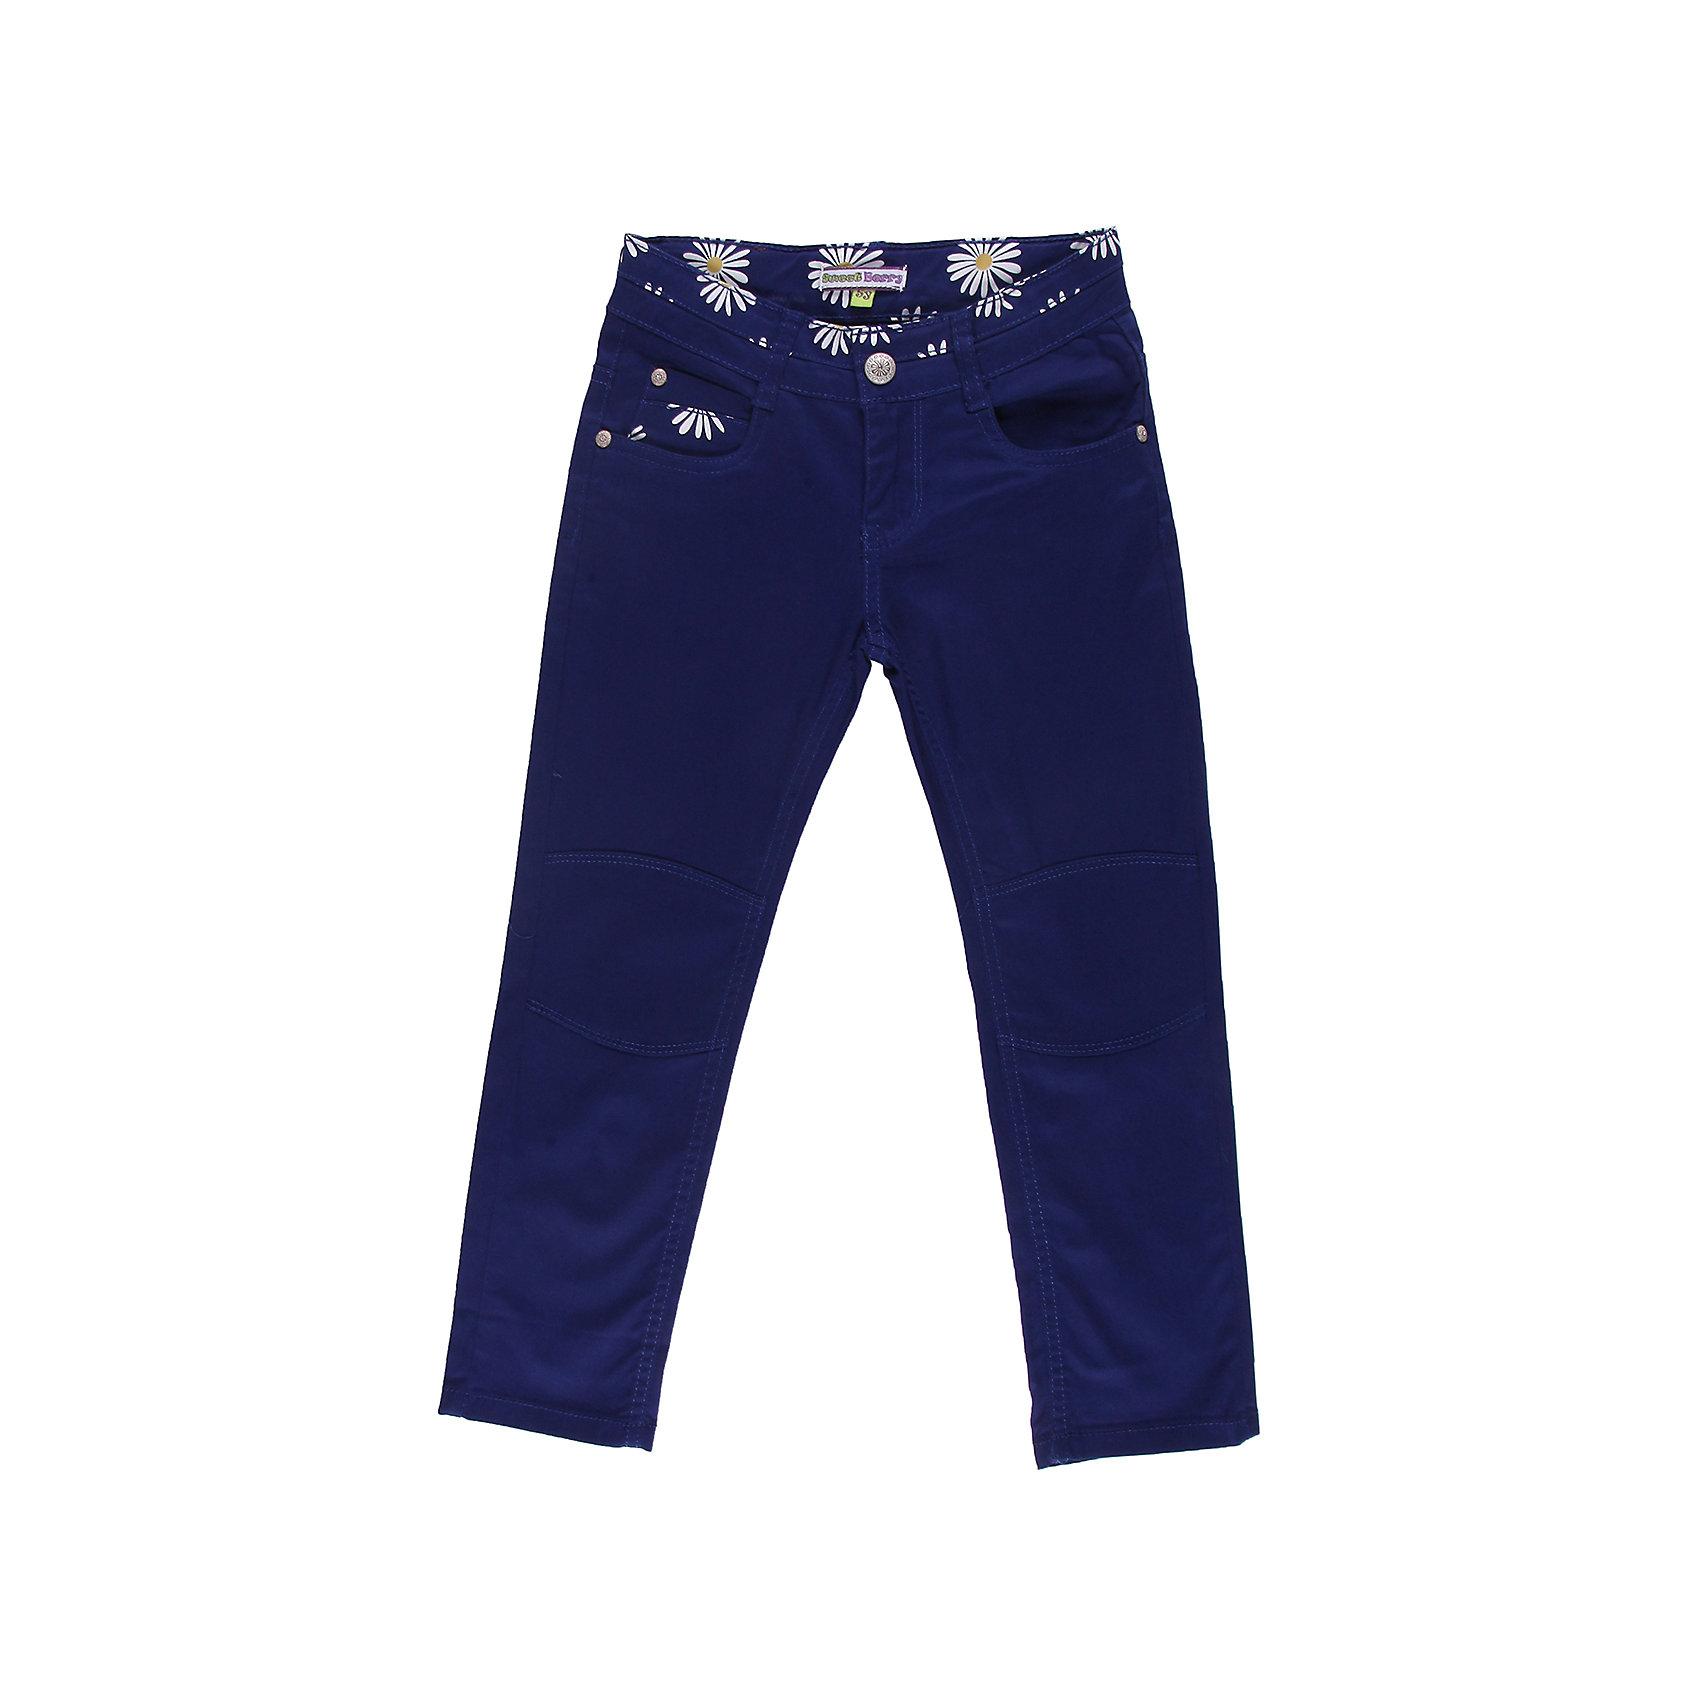 Брюки для девочки Sweet BerryБрюки<br>Текстильные брюки с цветочной отделкой. С регулировкой внутри по пояс.<br>Состав:<br>98% хлопок, 2% эластан<br><br>Ширина мм: 215<br>Глубина мм: 88<br>Высота мм: 191<br>Вес г: 336<br>Цвет: синий<br>Возраст от месяцев: 48<br>Возраст до месяцев: 60<br>Пол: Женский<br>Возраст: Детский<br>Размер: 110,104,98,128,122,116<br>SKU: 4520810